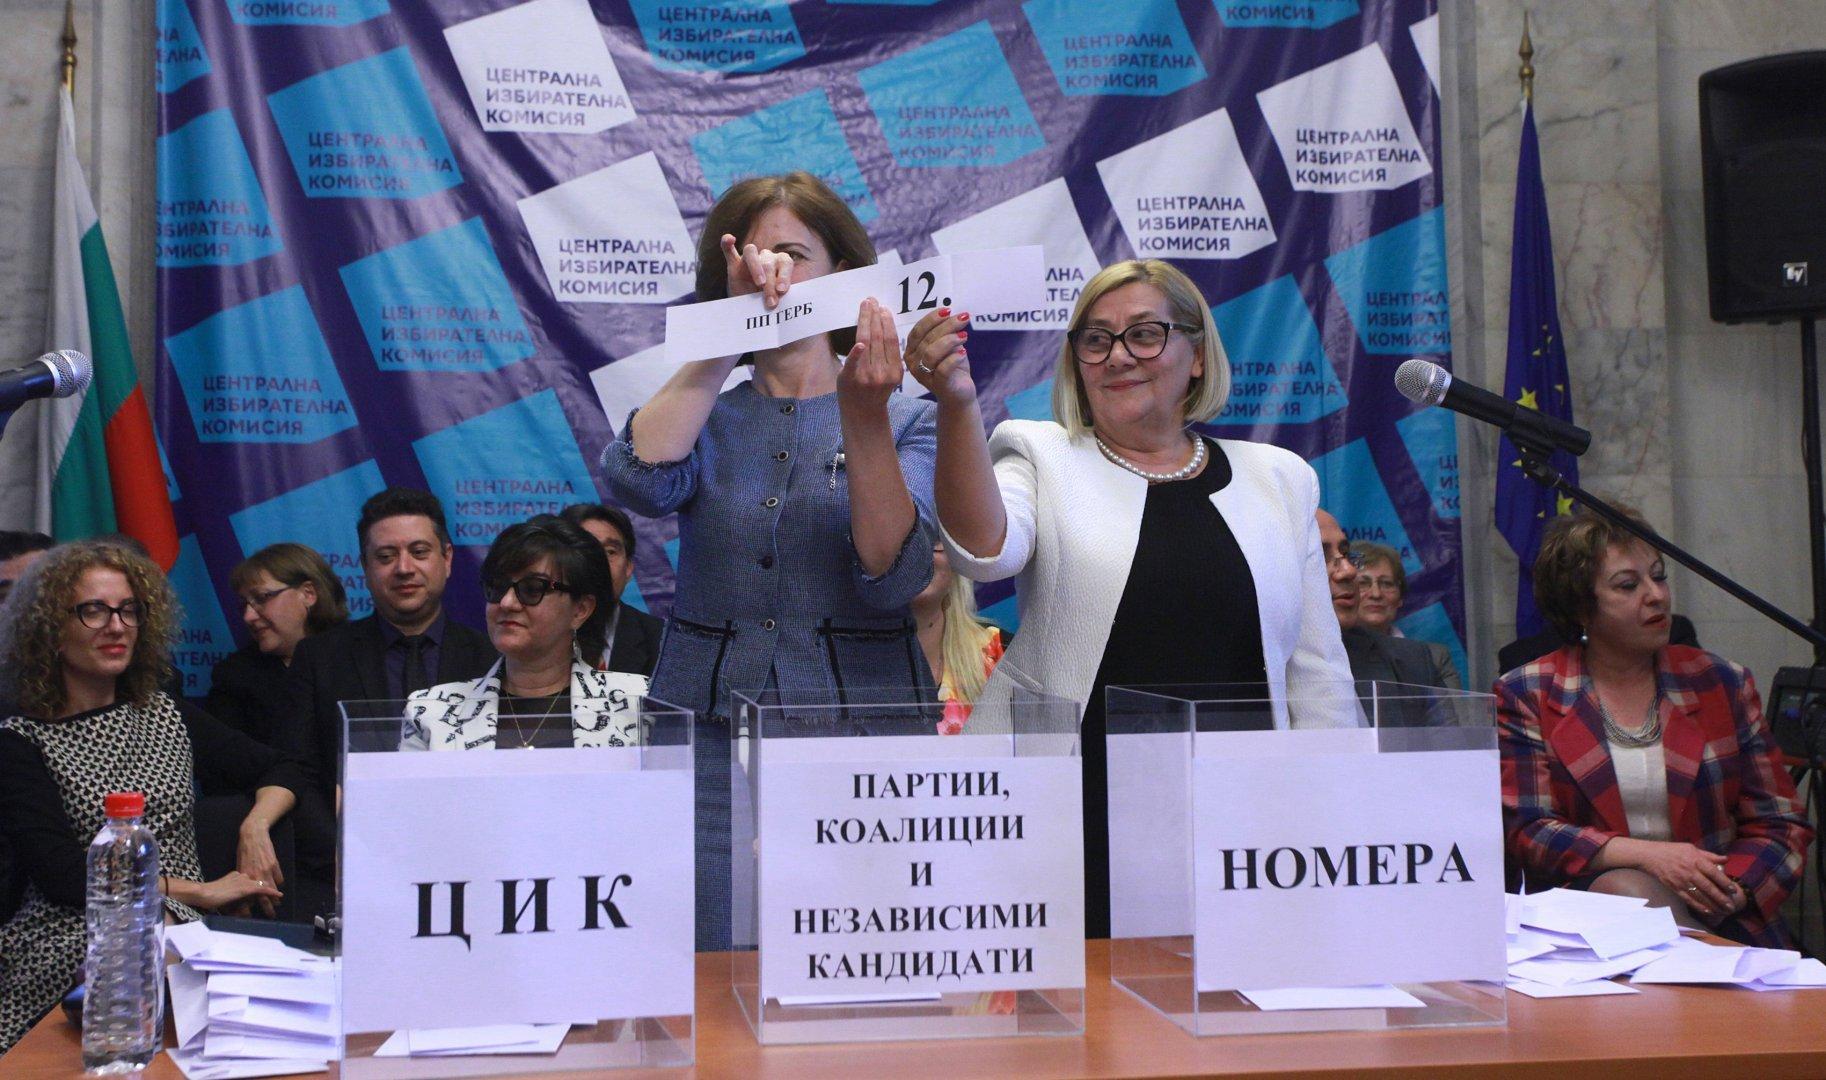 Жребий определи номерата в изборната бюлетина. Снимка Vesti.bg